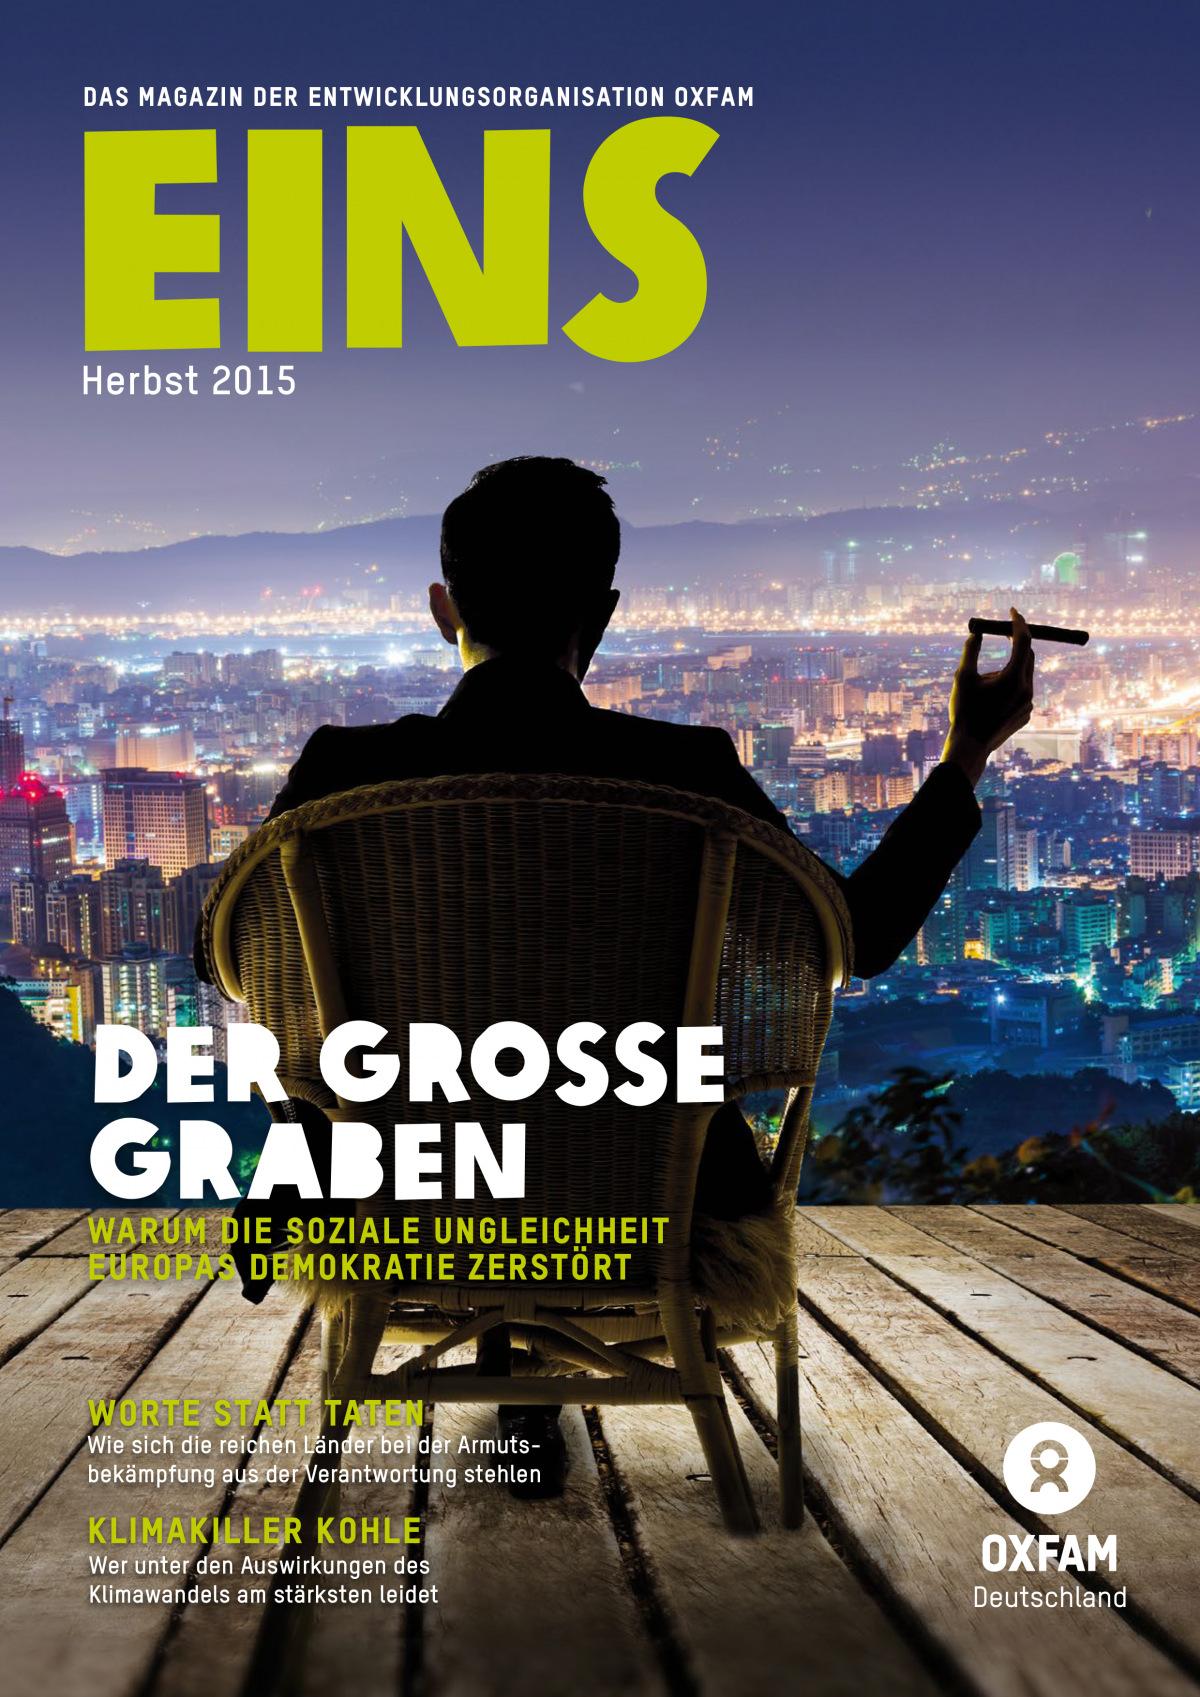 Titelbild vom Oxfam-Magazin EINS (Herbst 2015)